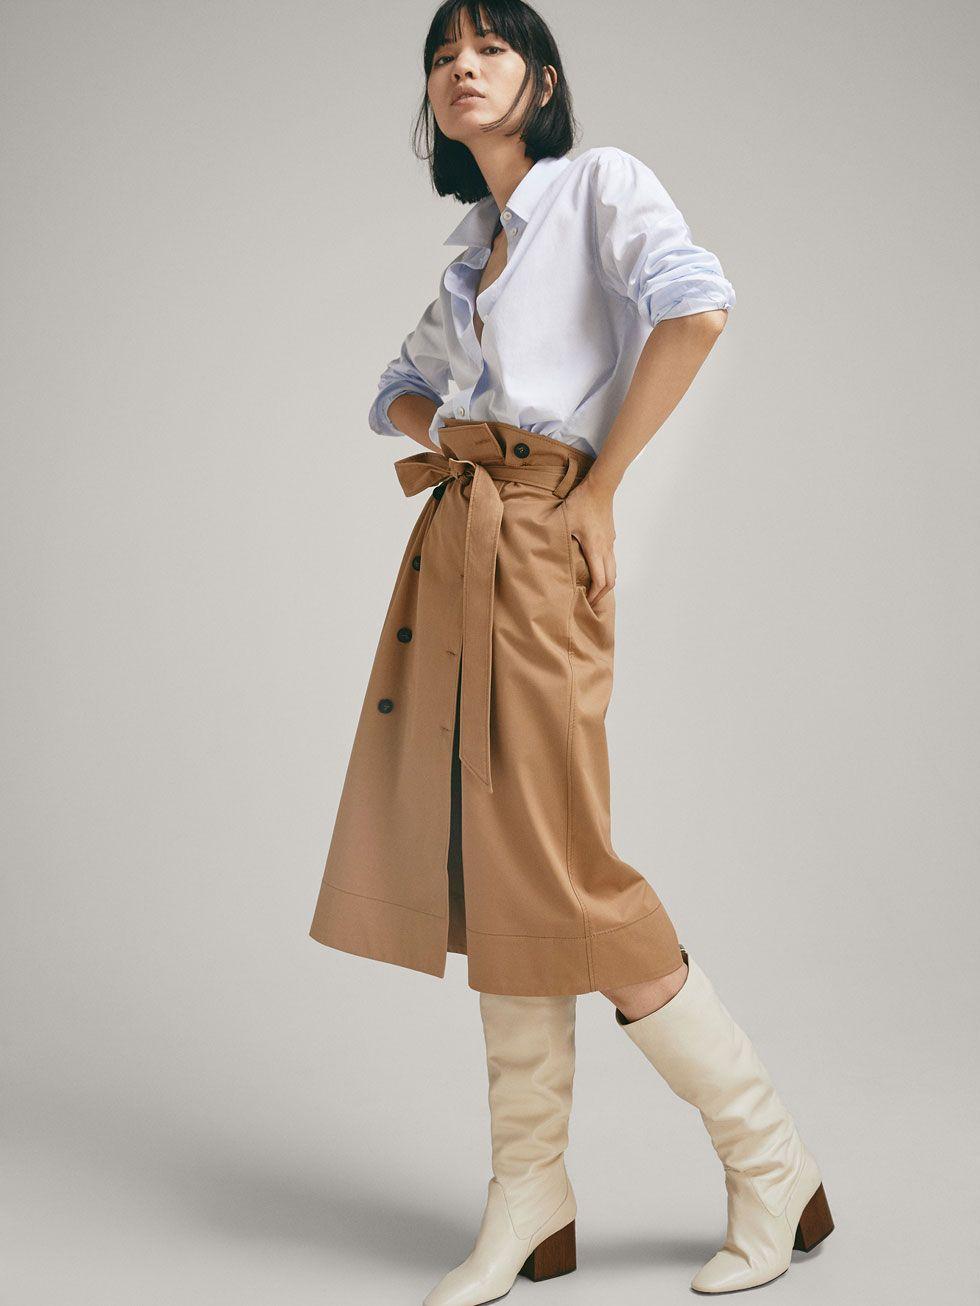 Saia Com Botao De Fixacao Duplo A Frente Mulher Massimo Dutti Womens Skirt Skirts Clothes